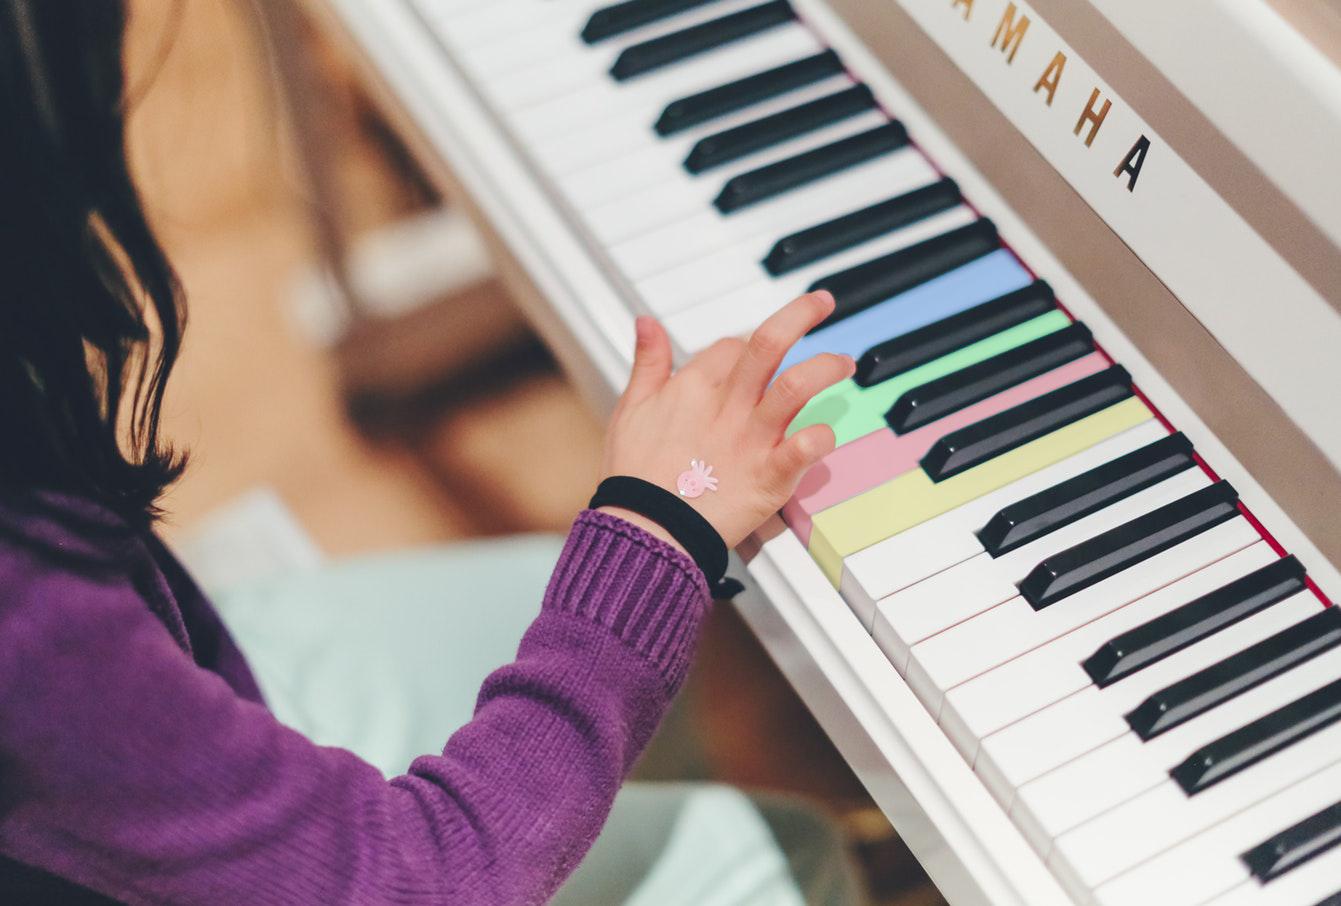 Ver los sonidos o escuchar los colores: así es la sinestesia